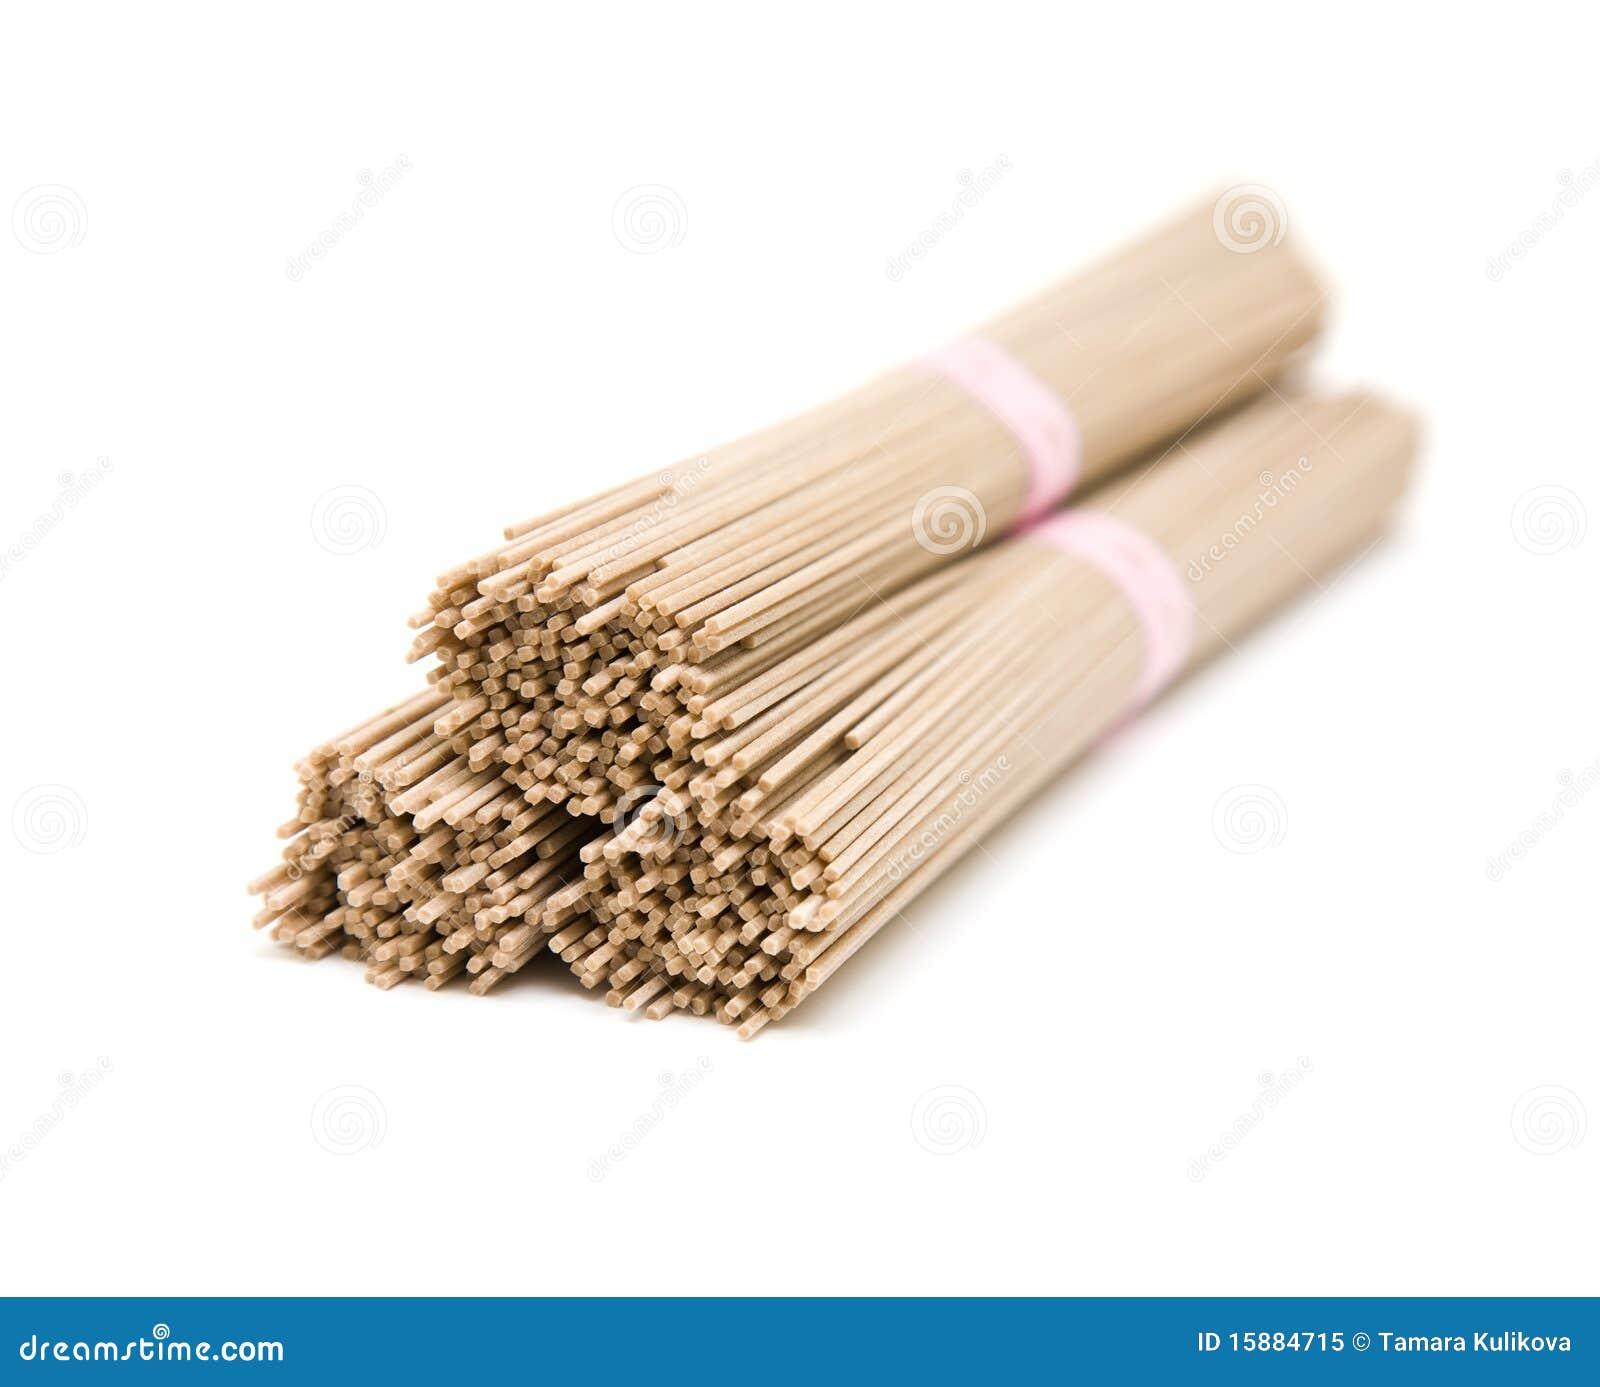 Noodles soba